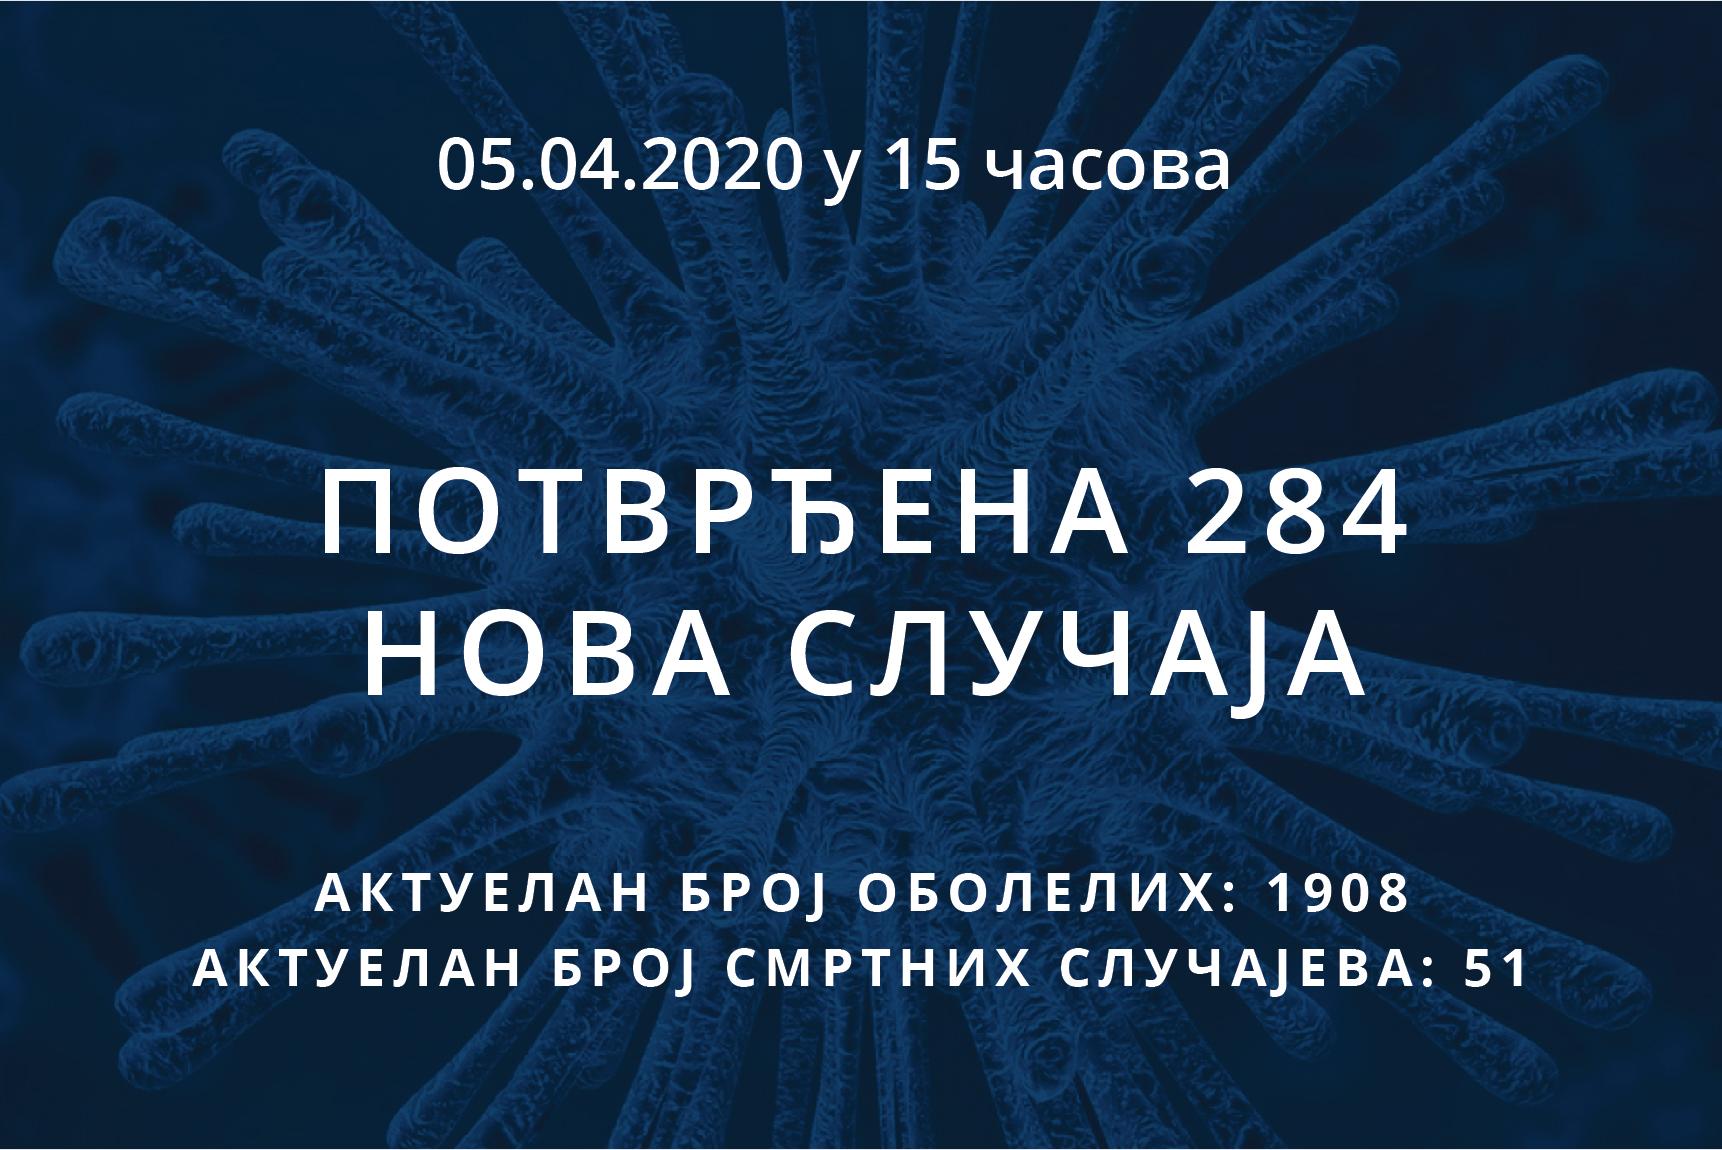 Информације о корона вирусу COVID-19, 05.04.2020 у 15 часова